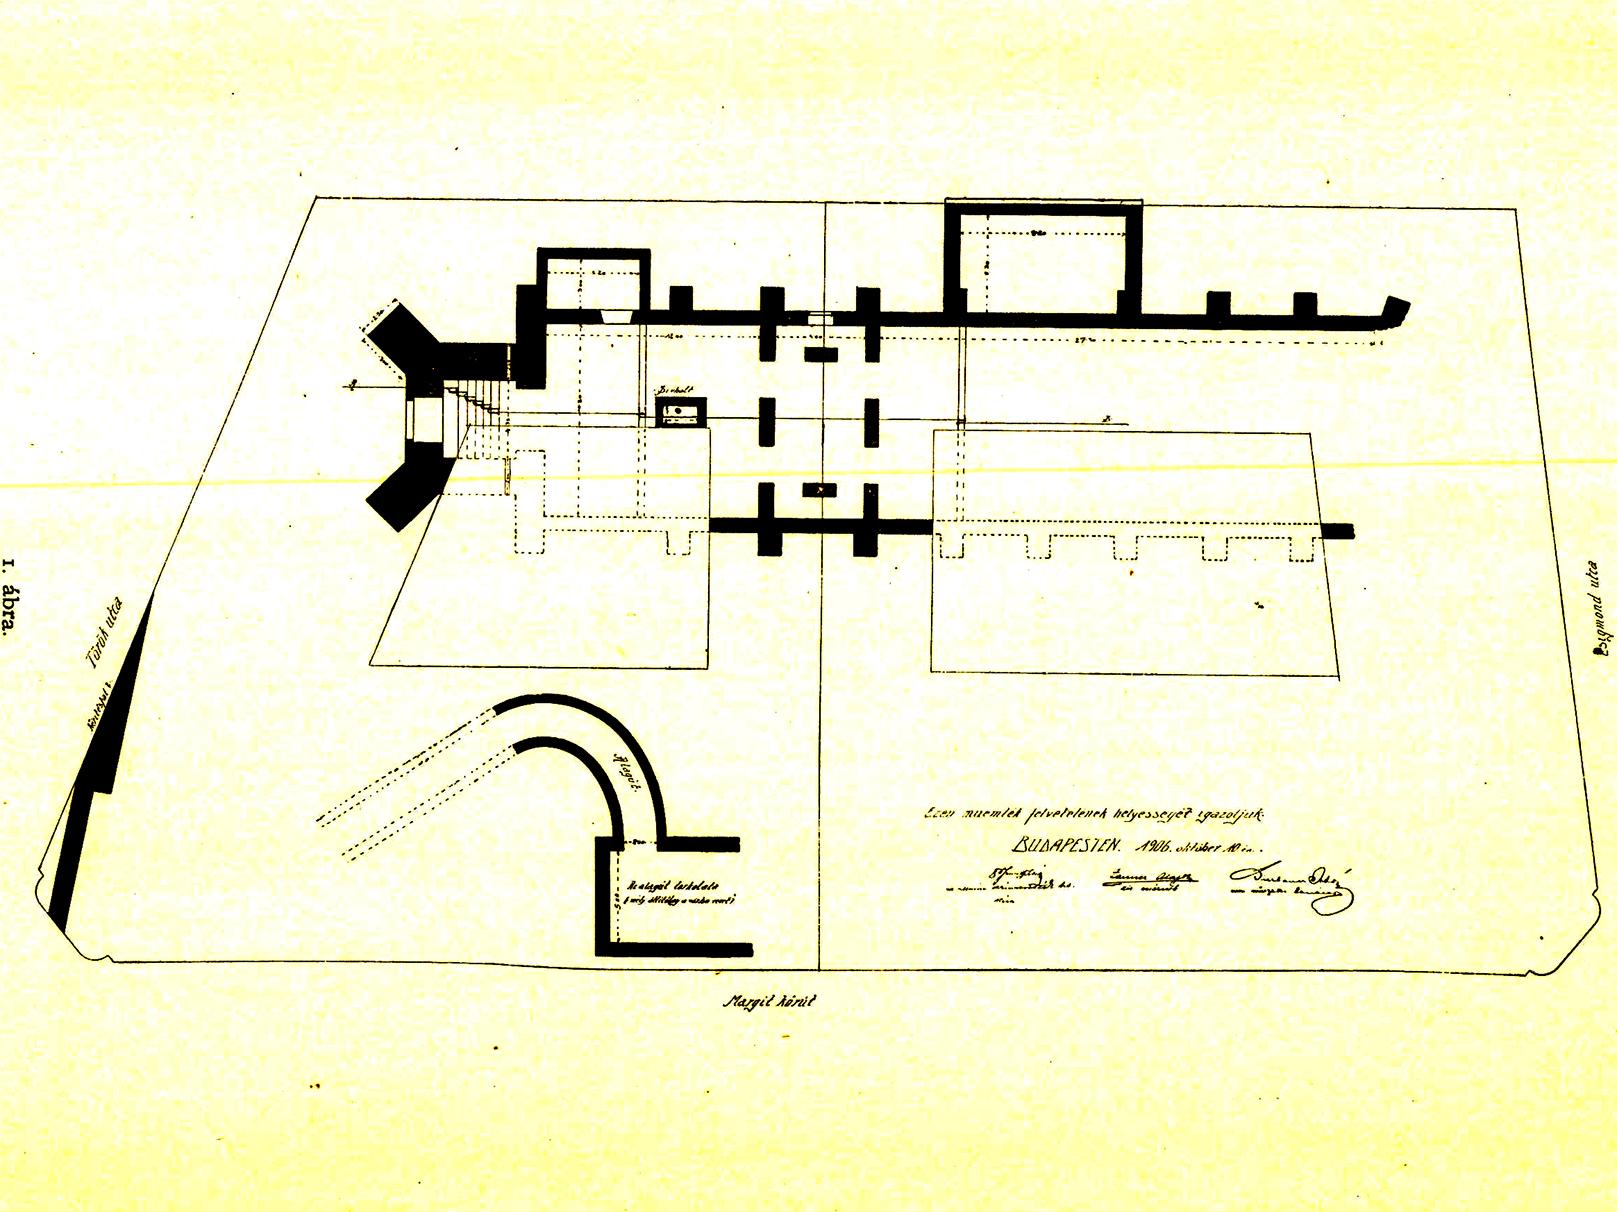 A Margit körút 5/A-B alatti budai irgalmasok építette bérház alapozásánál megtalált Szentháromság templom feltárt falai, illetve az Isten házától délre kezdődő alagút bejárata. (Fotó: Archeológiai Értesítő)